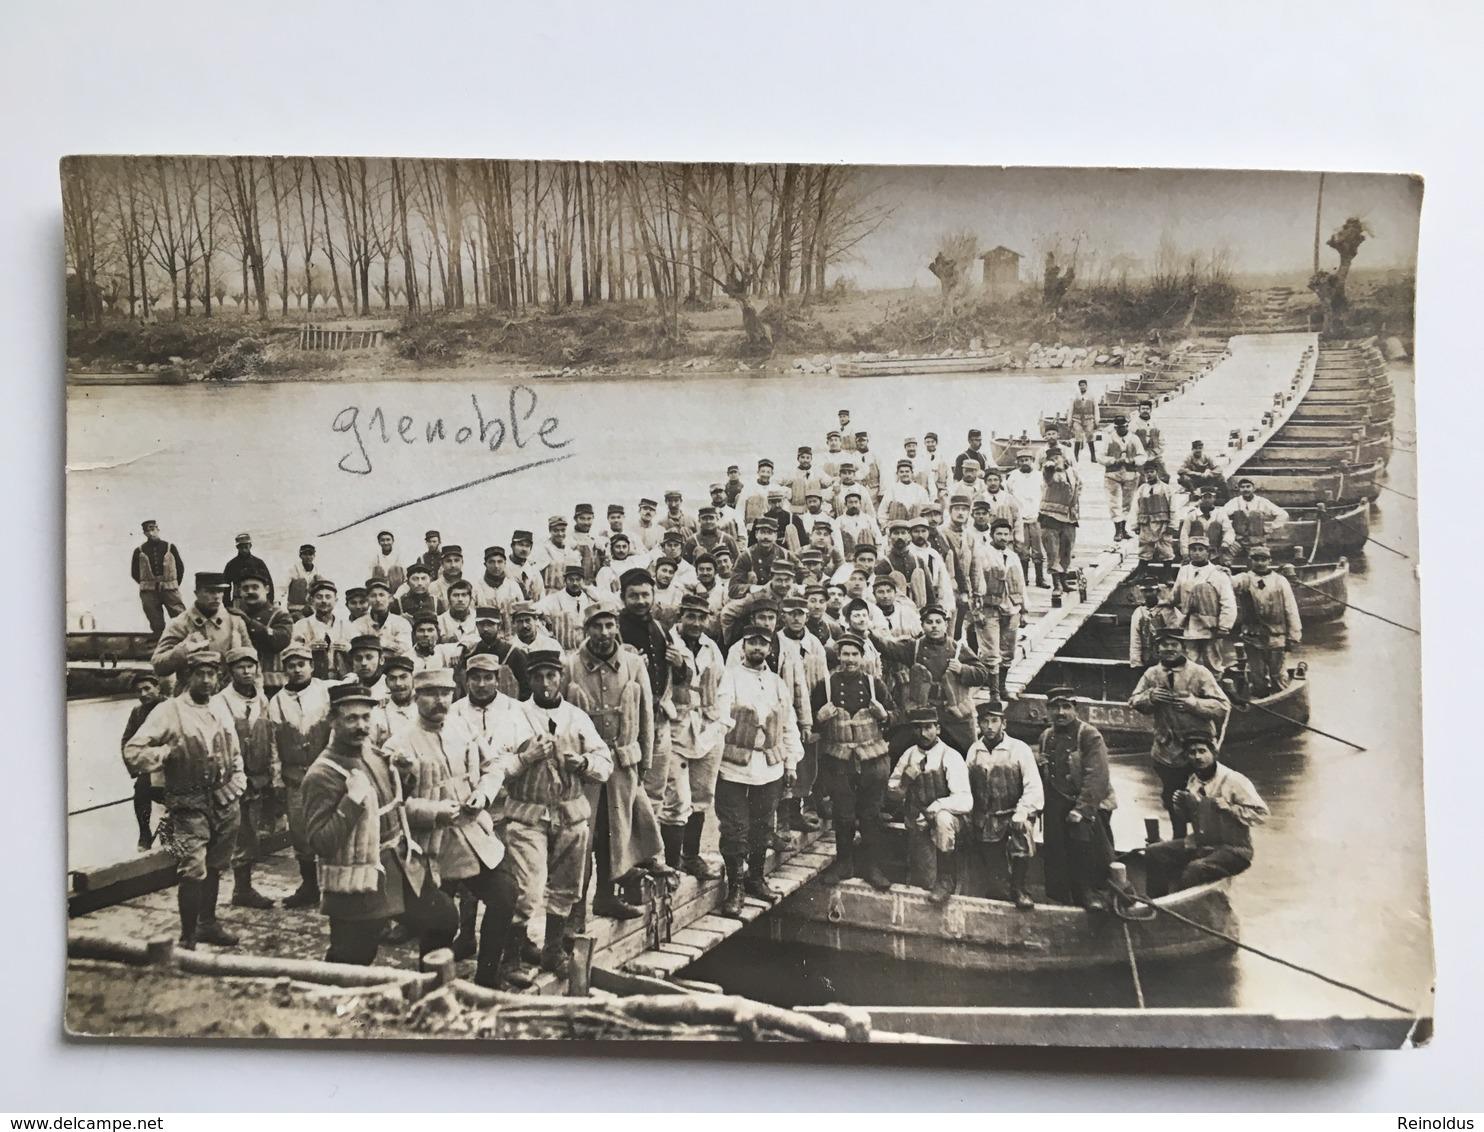 AK Photo Pioniere Grenoble Engineers Genie Franzosische Soldaten Miltaire Francais Uniform Soldat - Ausrüstung